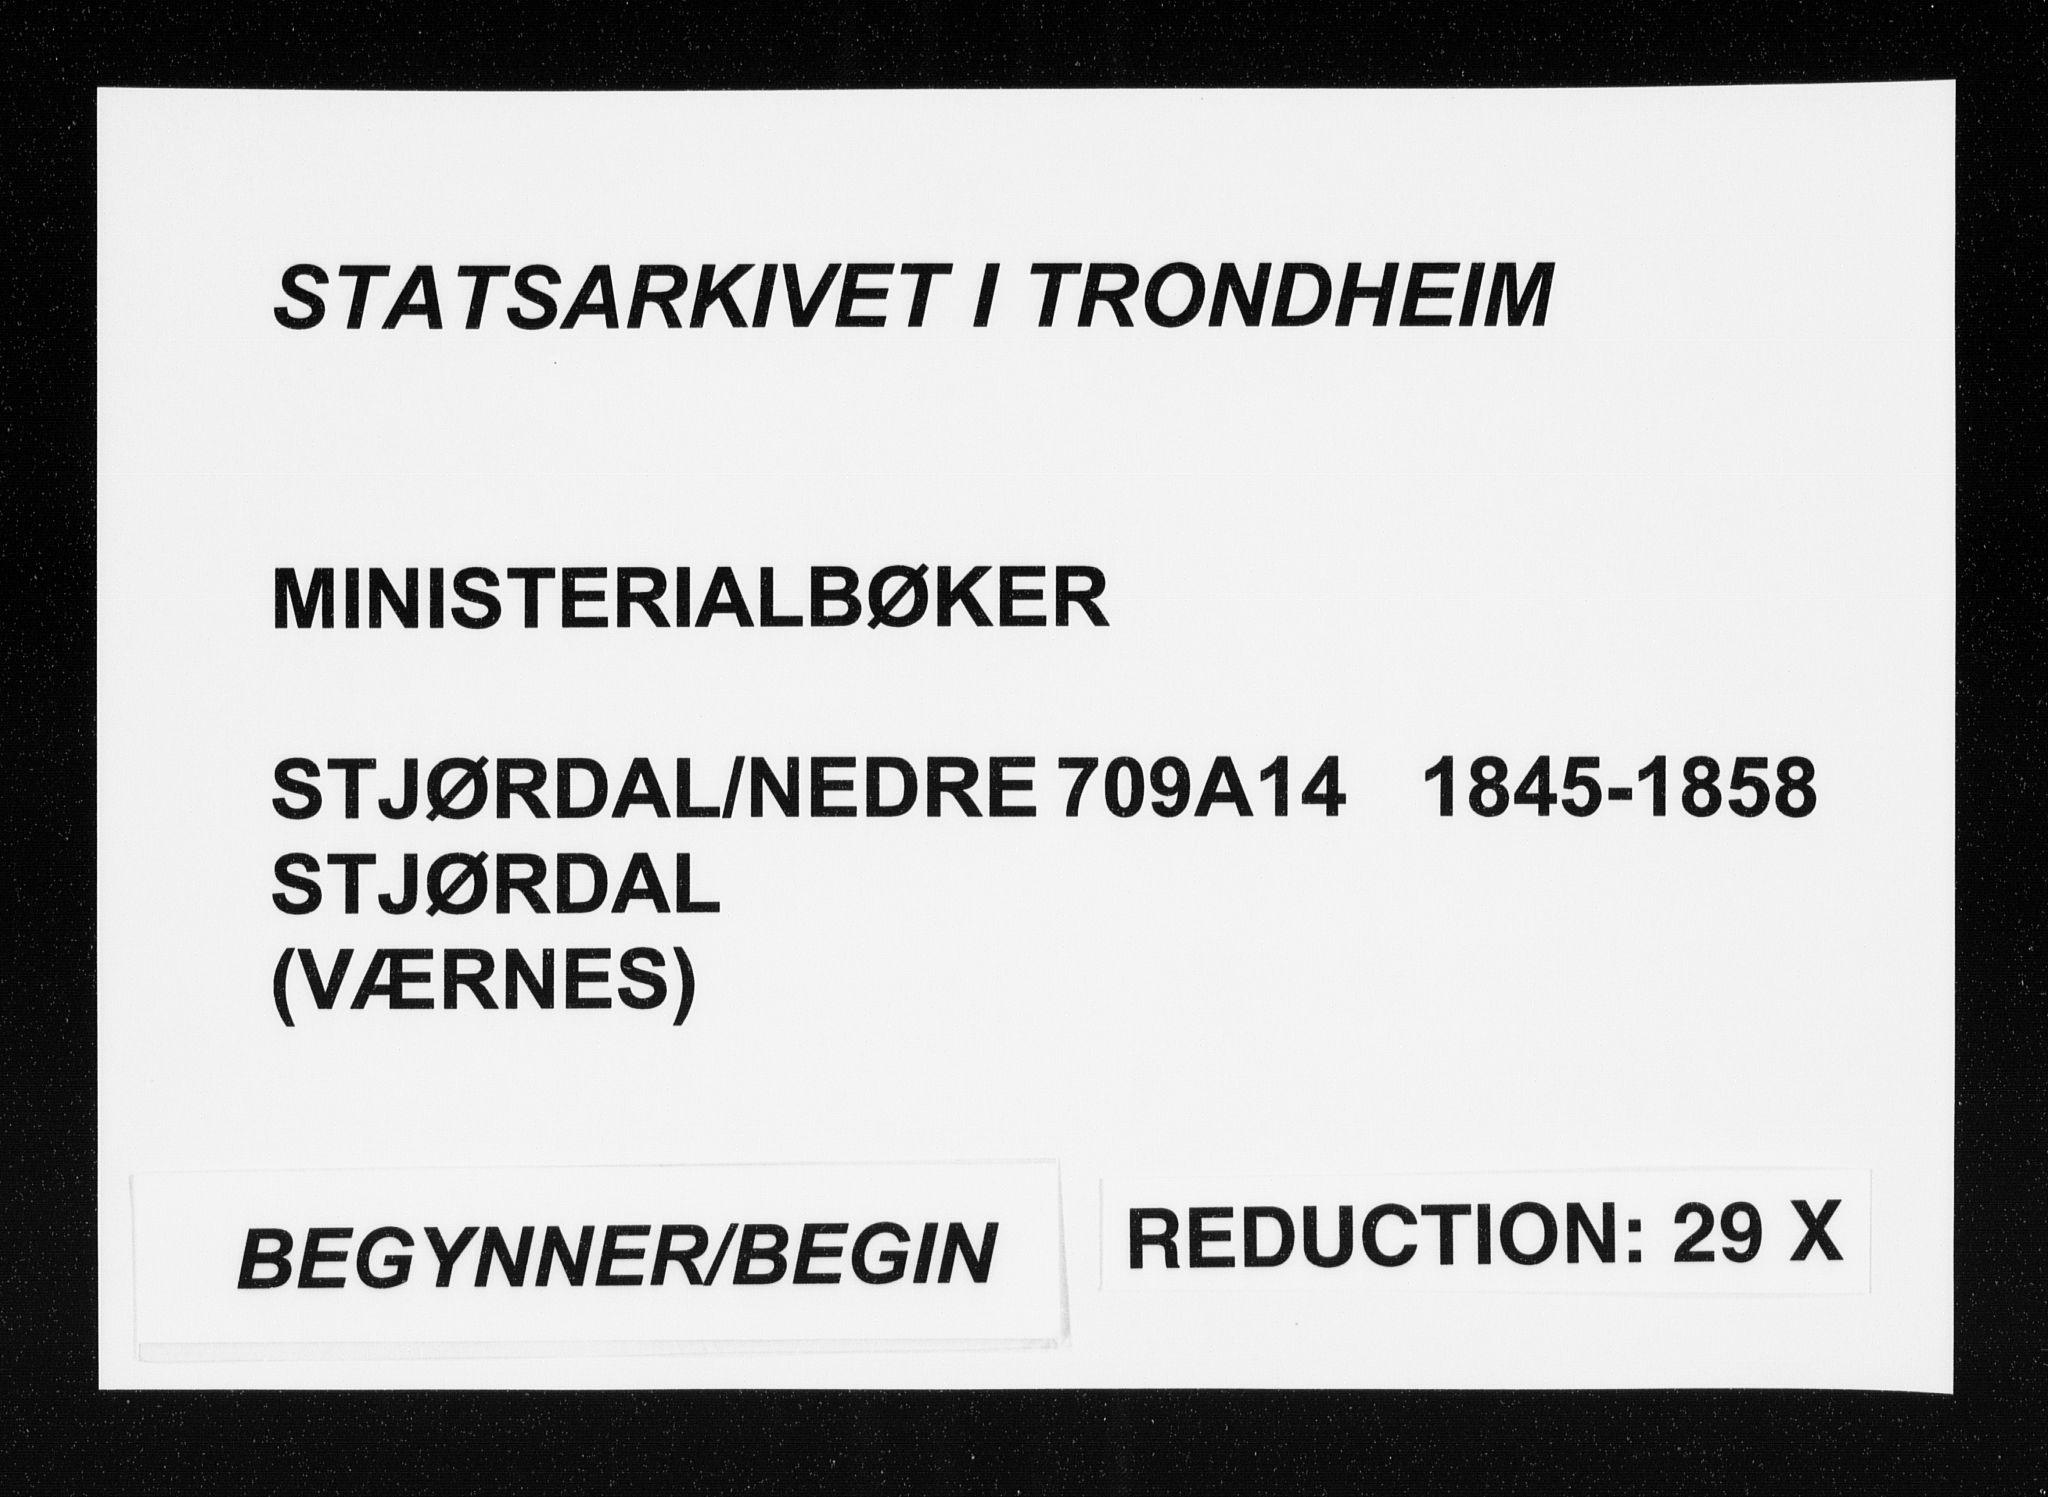 SAT, Ministerialprotokoller, klokkerbøker og fødselsregistre - Nord-Trøndelag, 709/L0074: Ministerialbok nr. 709A14, 1845-1858